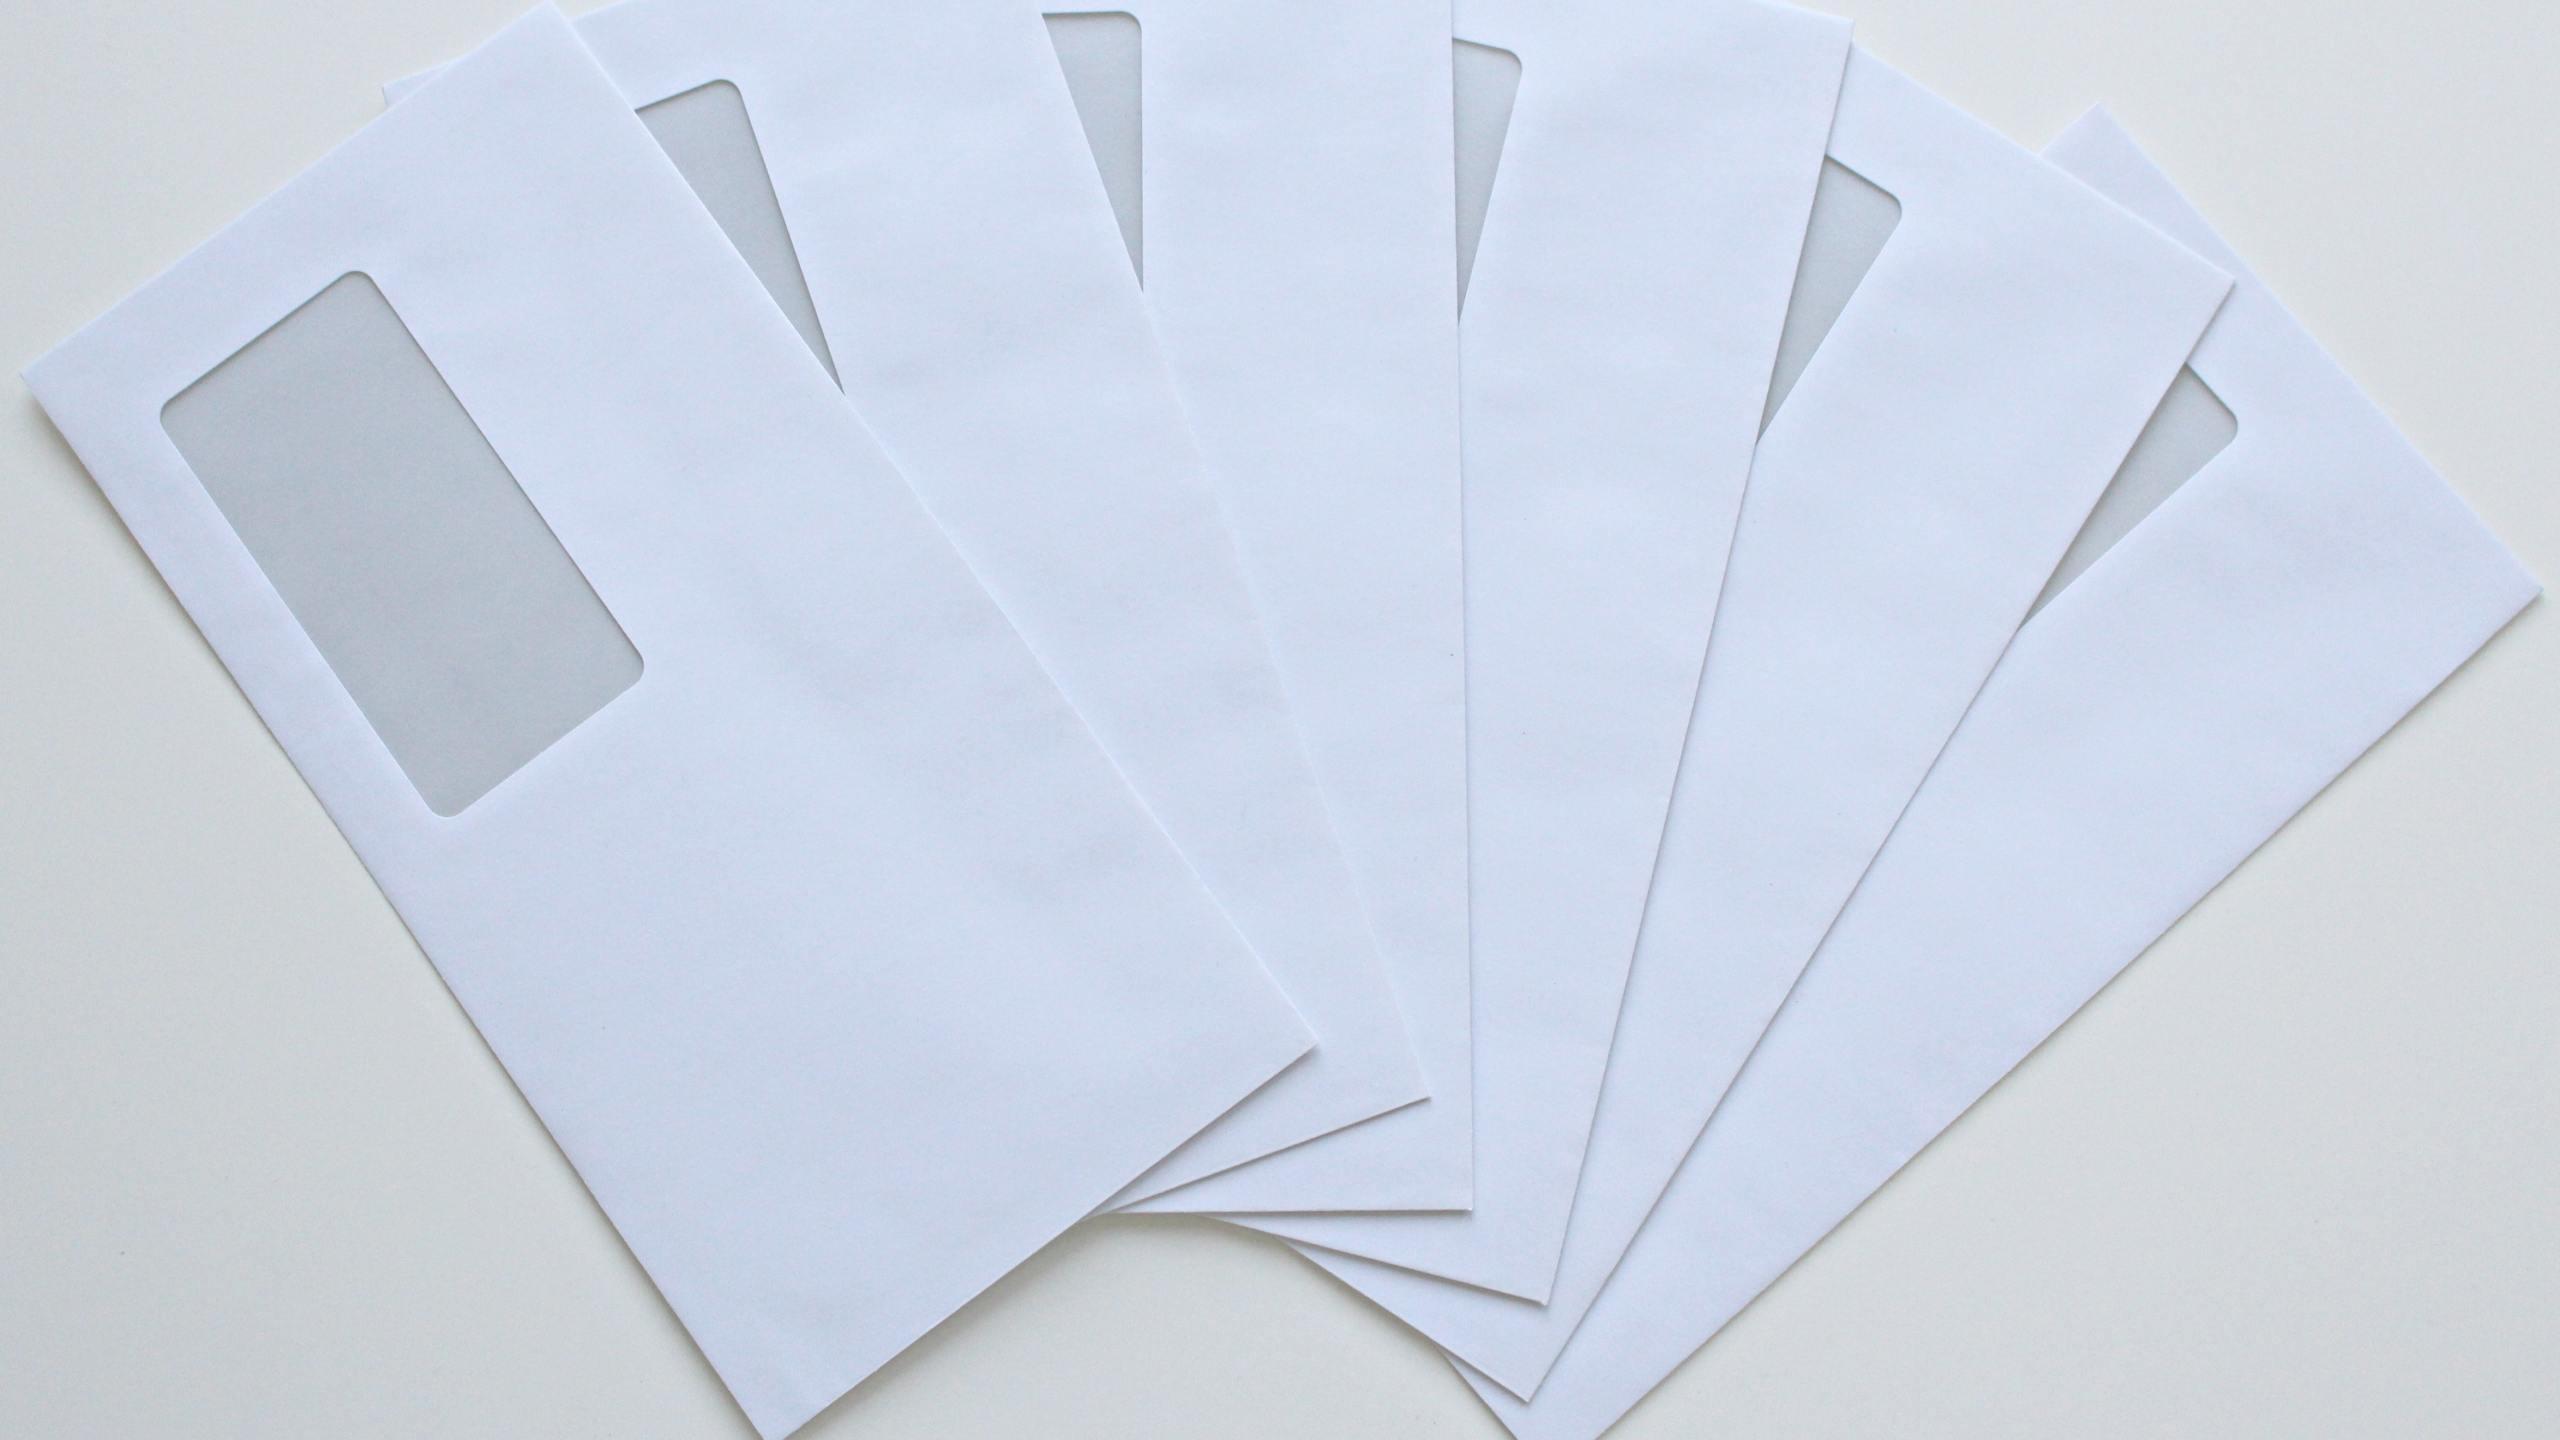 White envelopes with windows